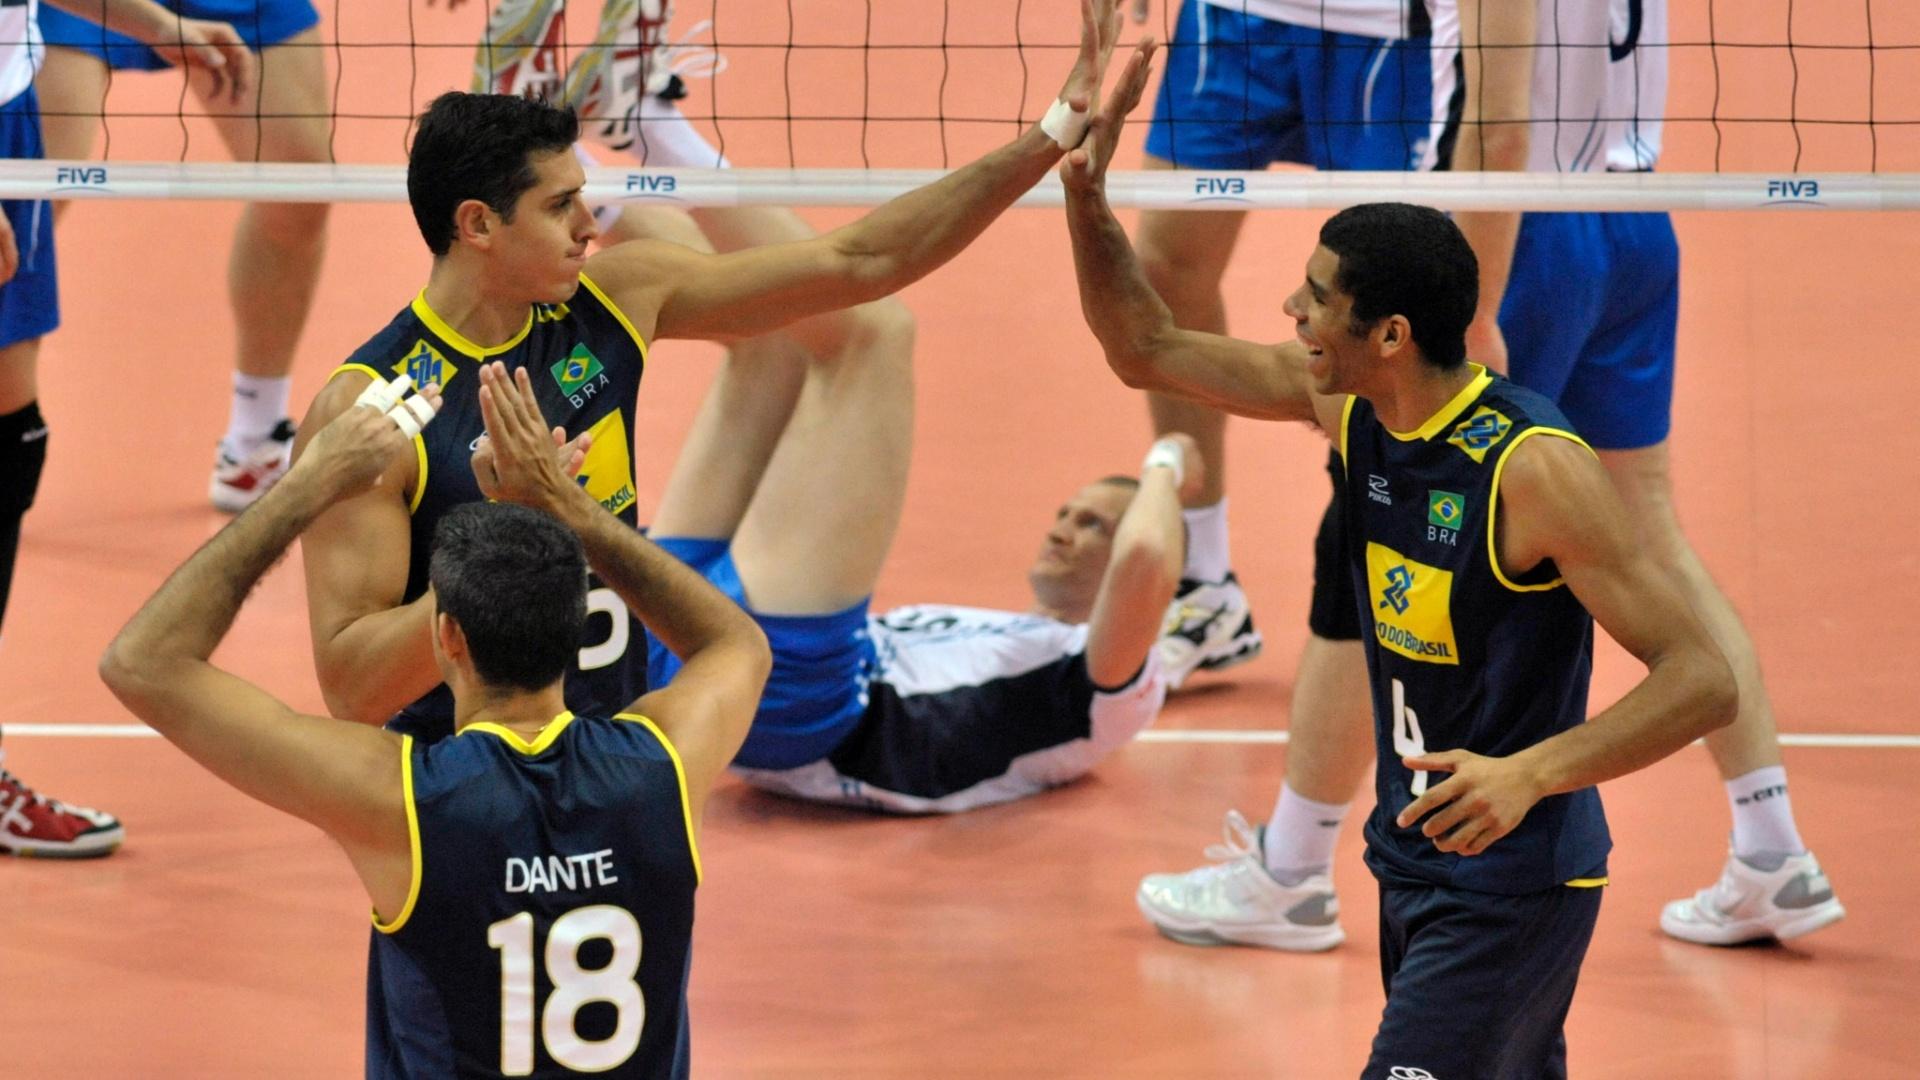 Sidão, Dante e Wallace comemoram ponto do Brasil no duelo contra a Finlândia, em Katowice, na Polônia